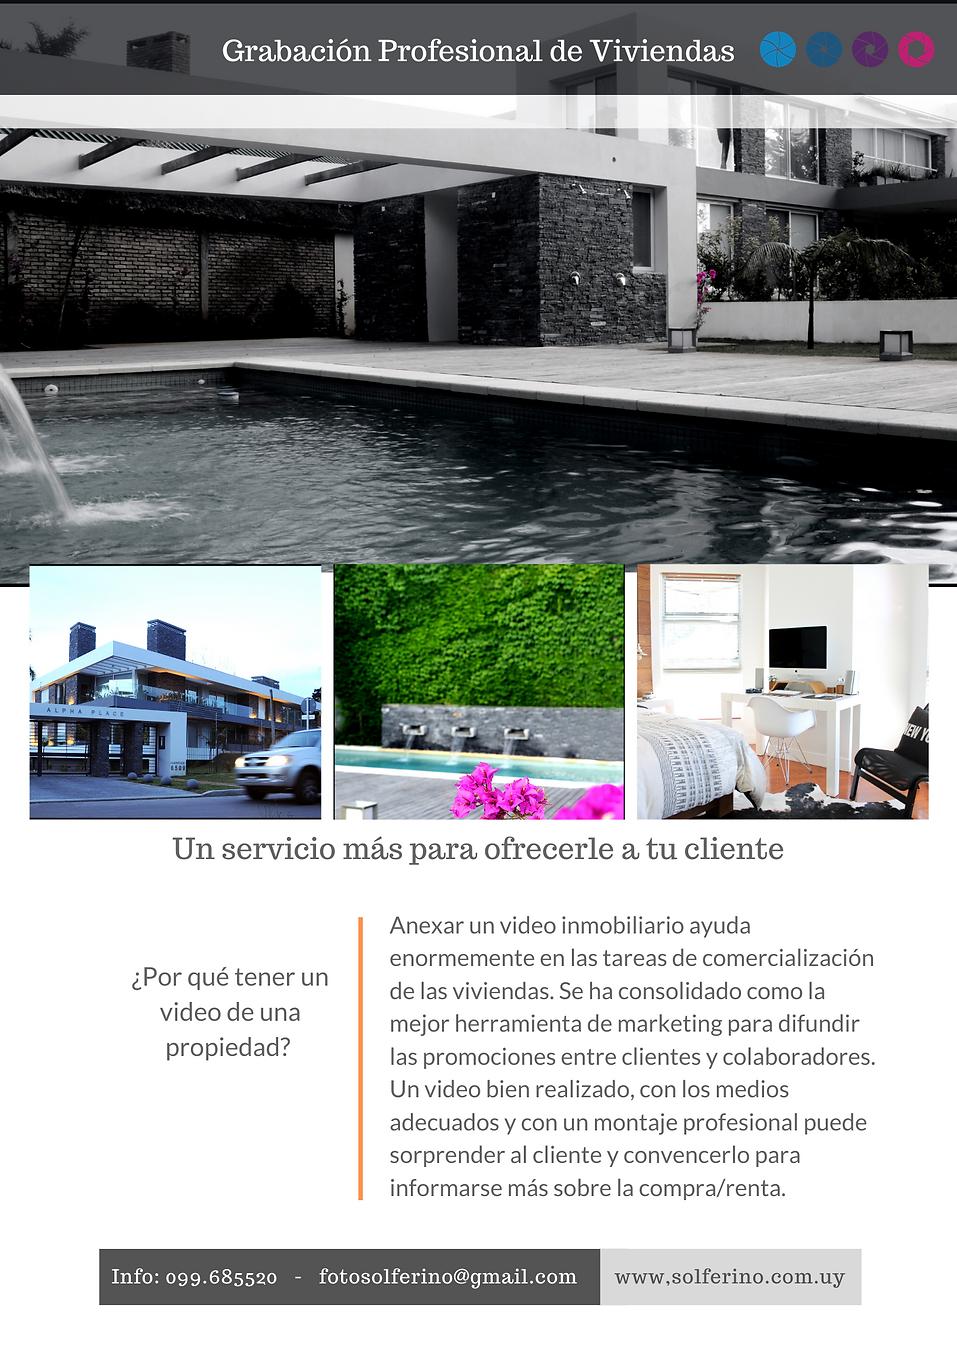 Grabación_Profesional_de_Viviendas_pn2_